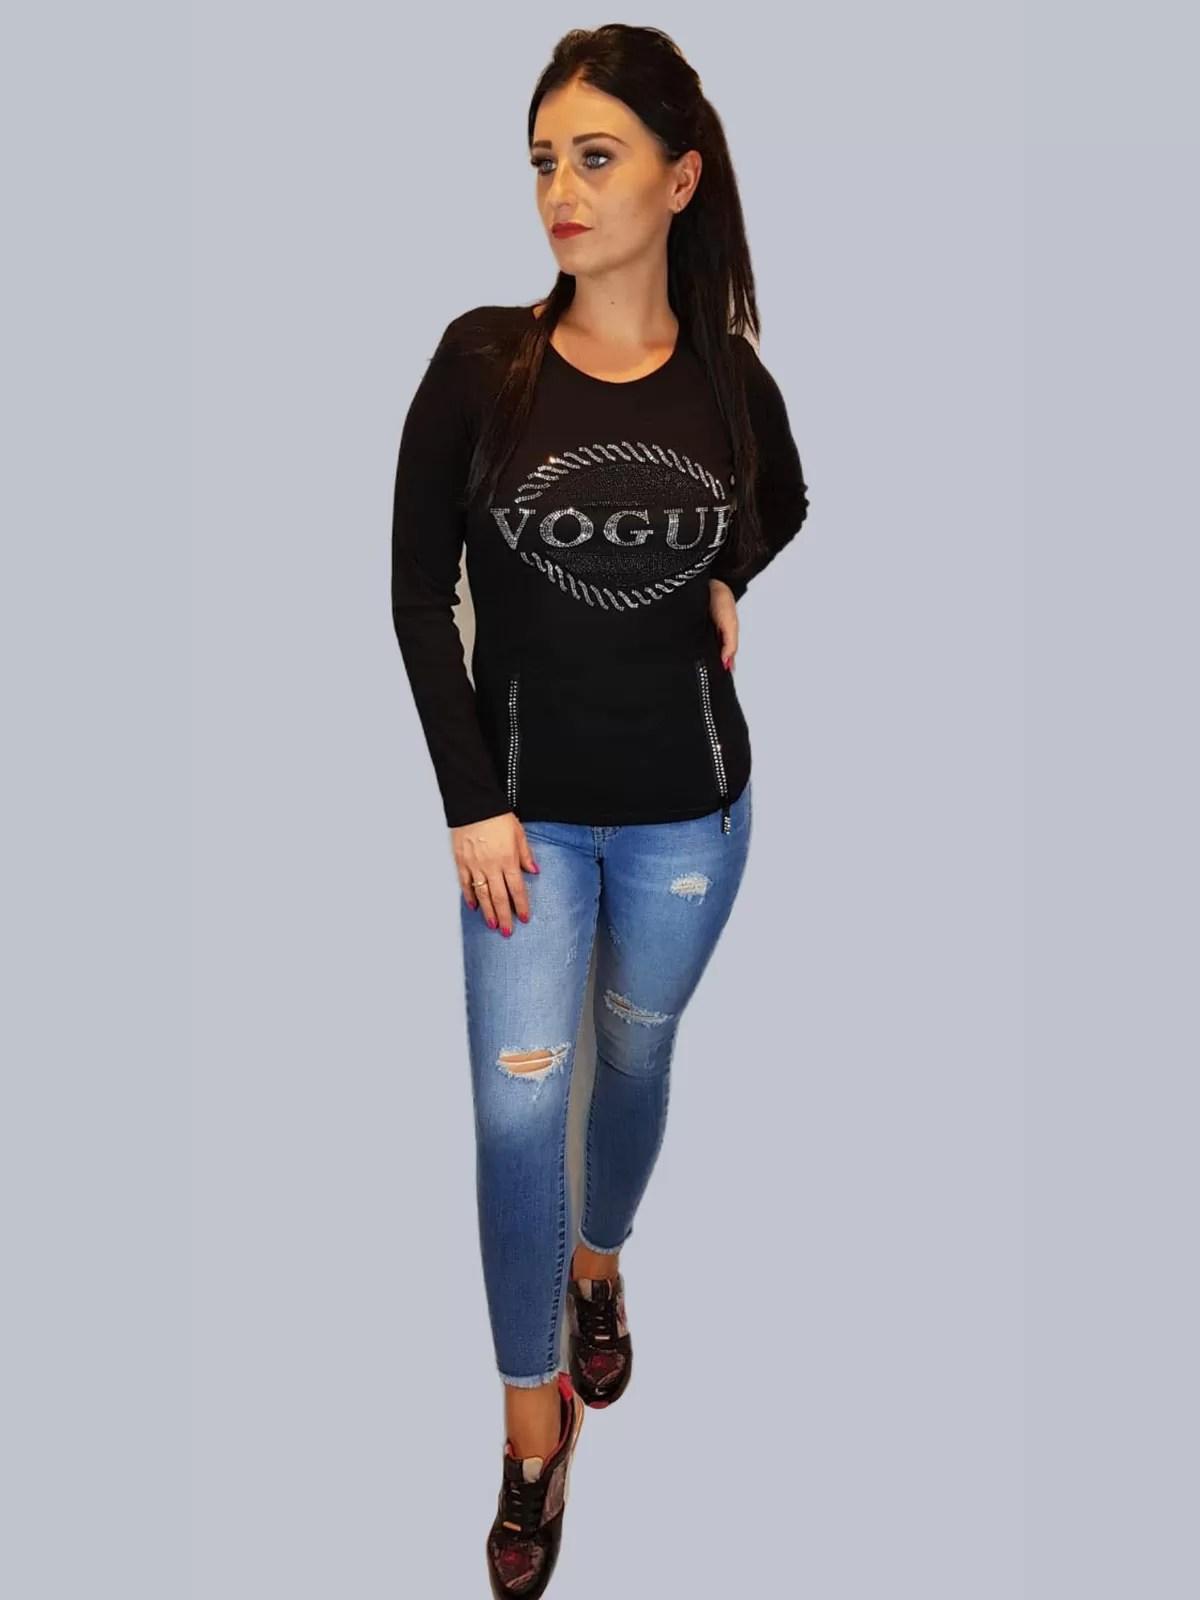 Vogue Trui Kopen.Shirt Met Vogue Er Op